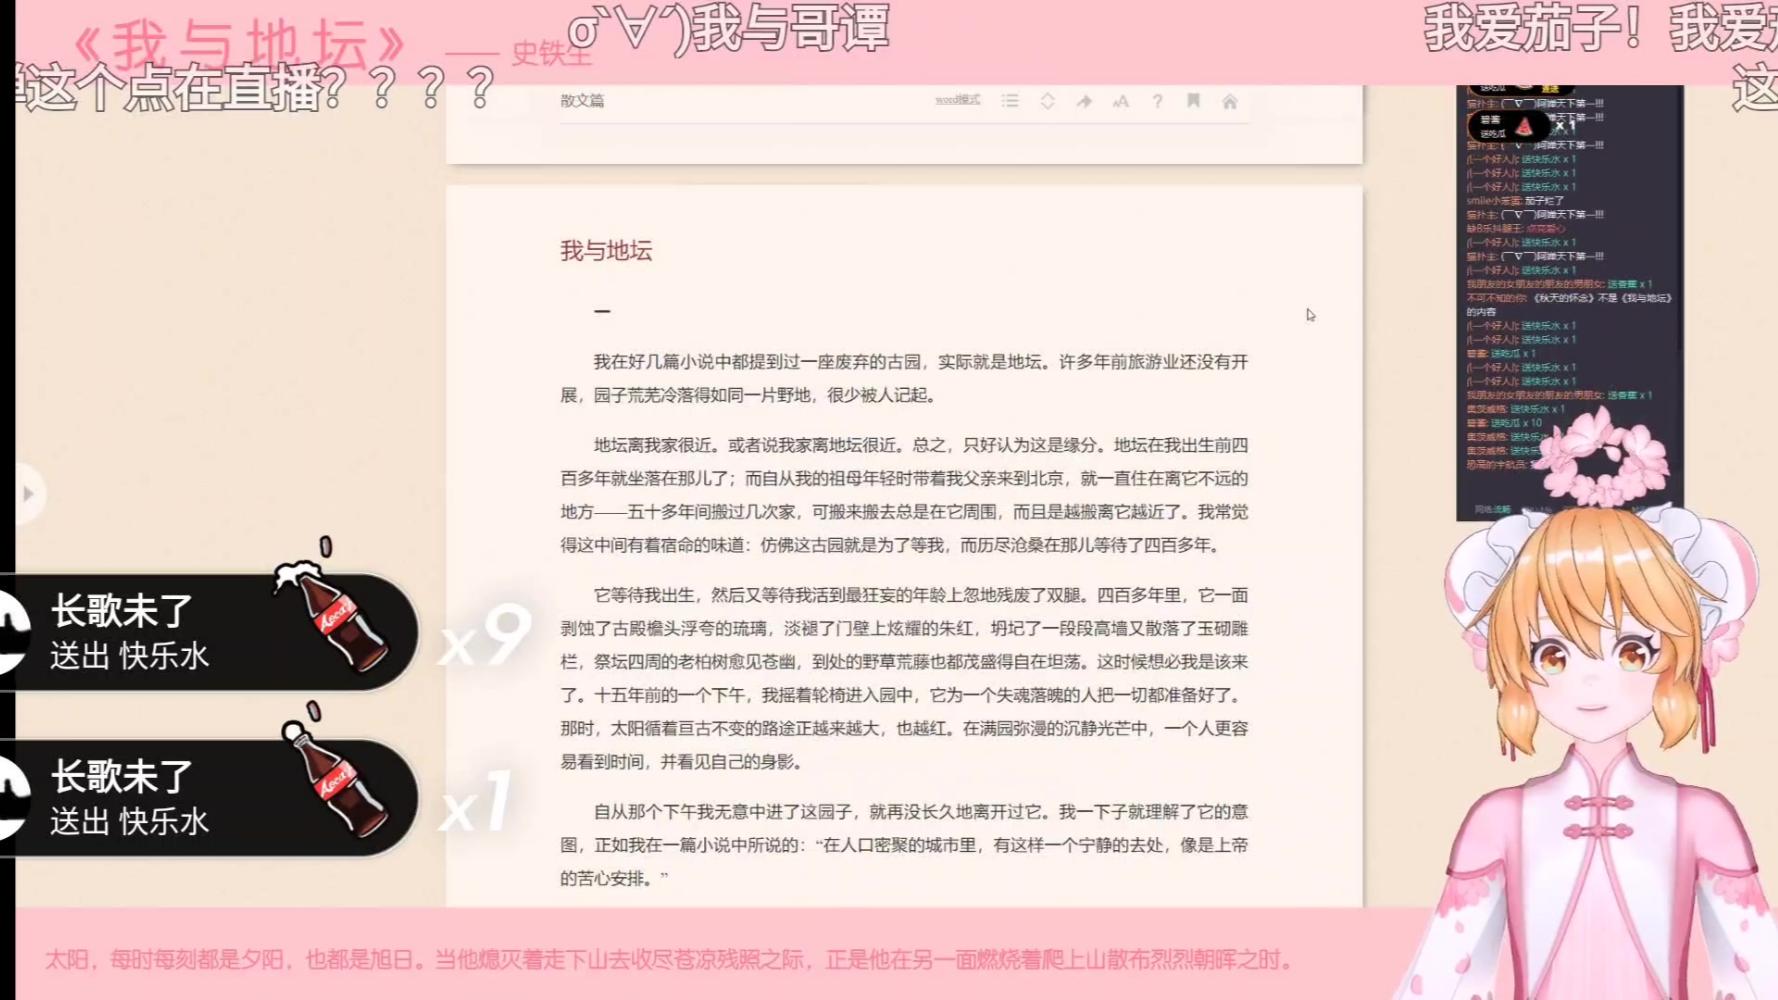 土妞录播 20200810 嘴瓢读书会